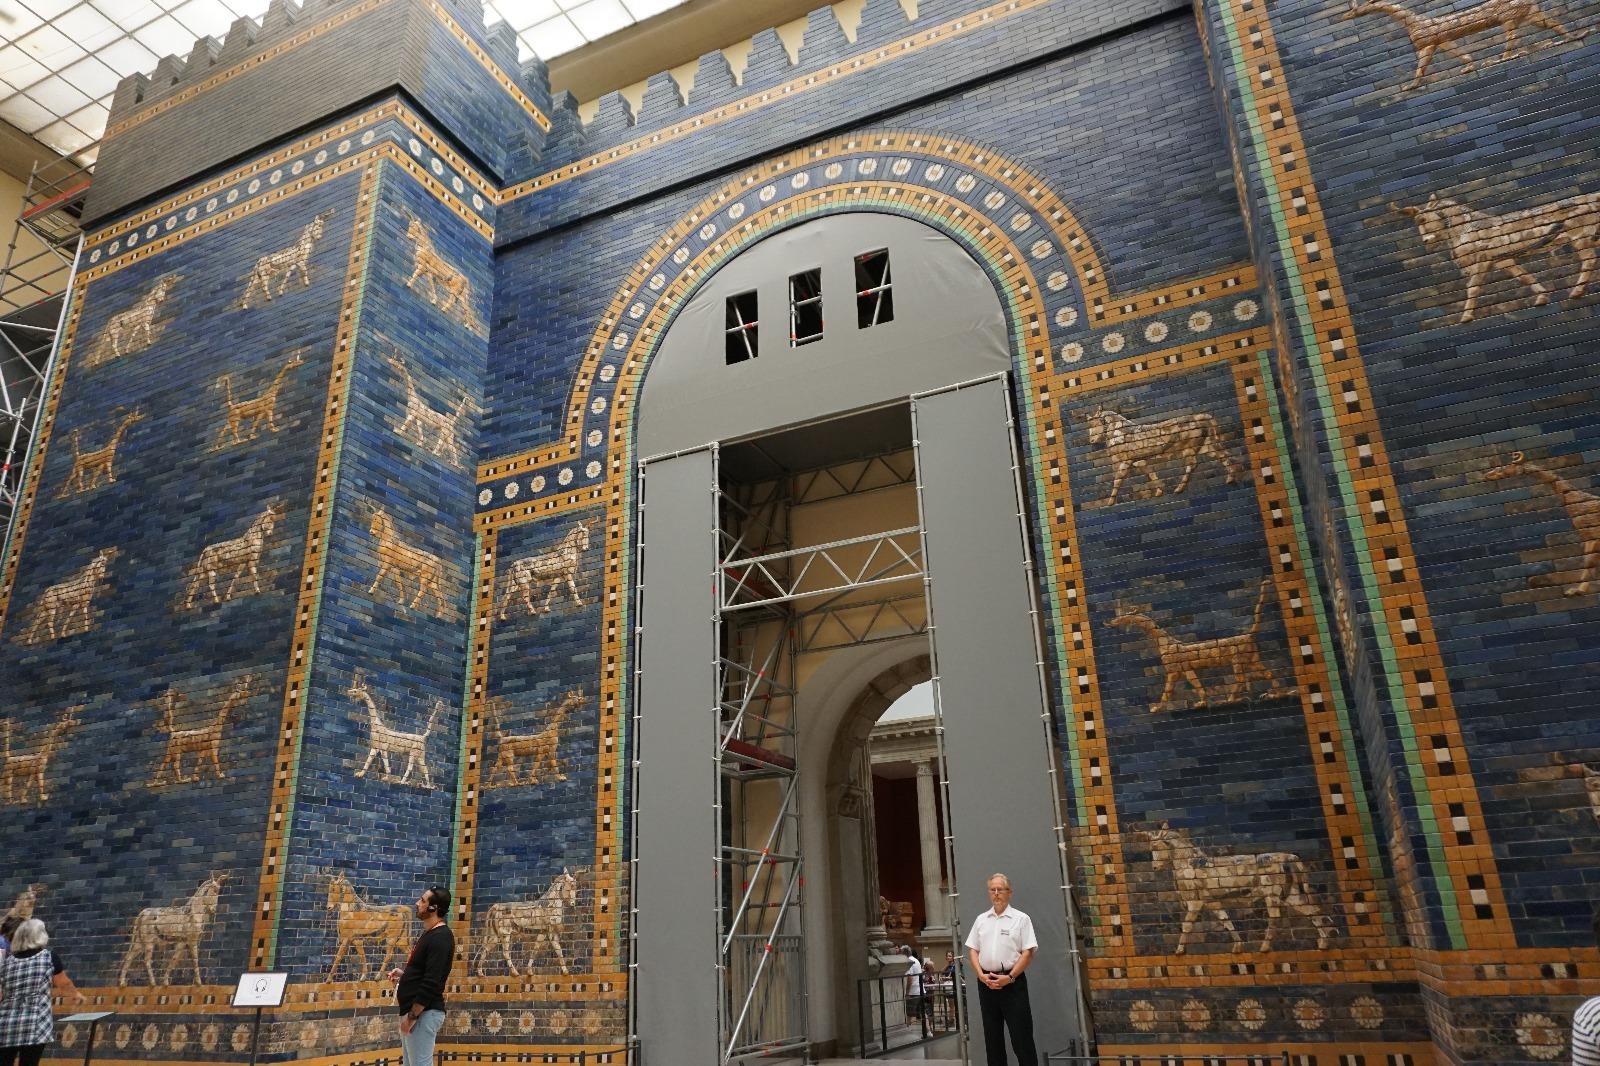 Puerta de la ciudad de Babilonia (Puerta de Istar), reconstruida en el museo de Pérgamo (Berlín)